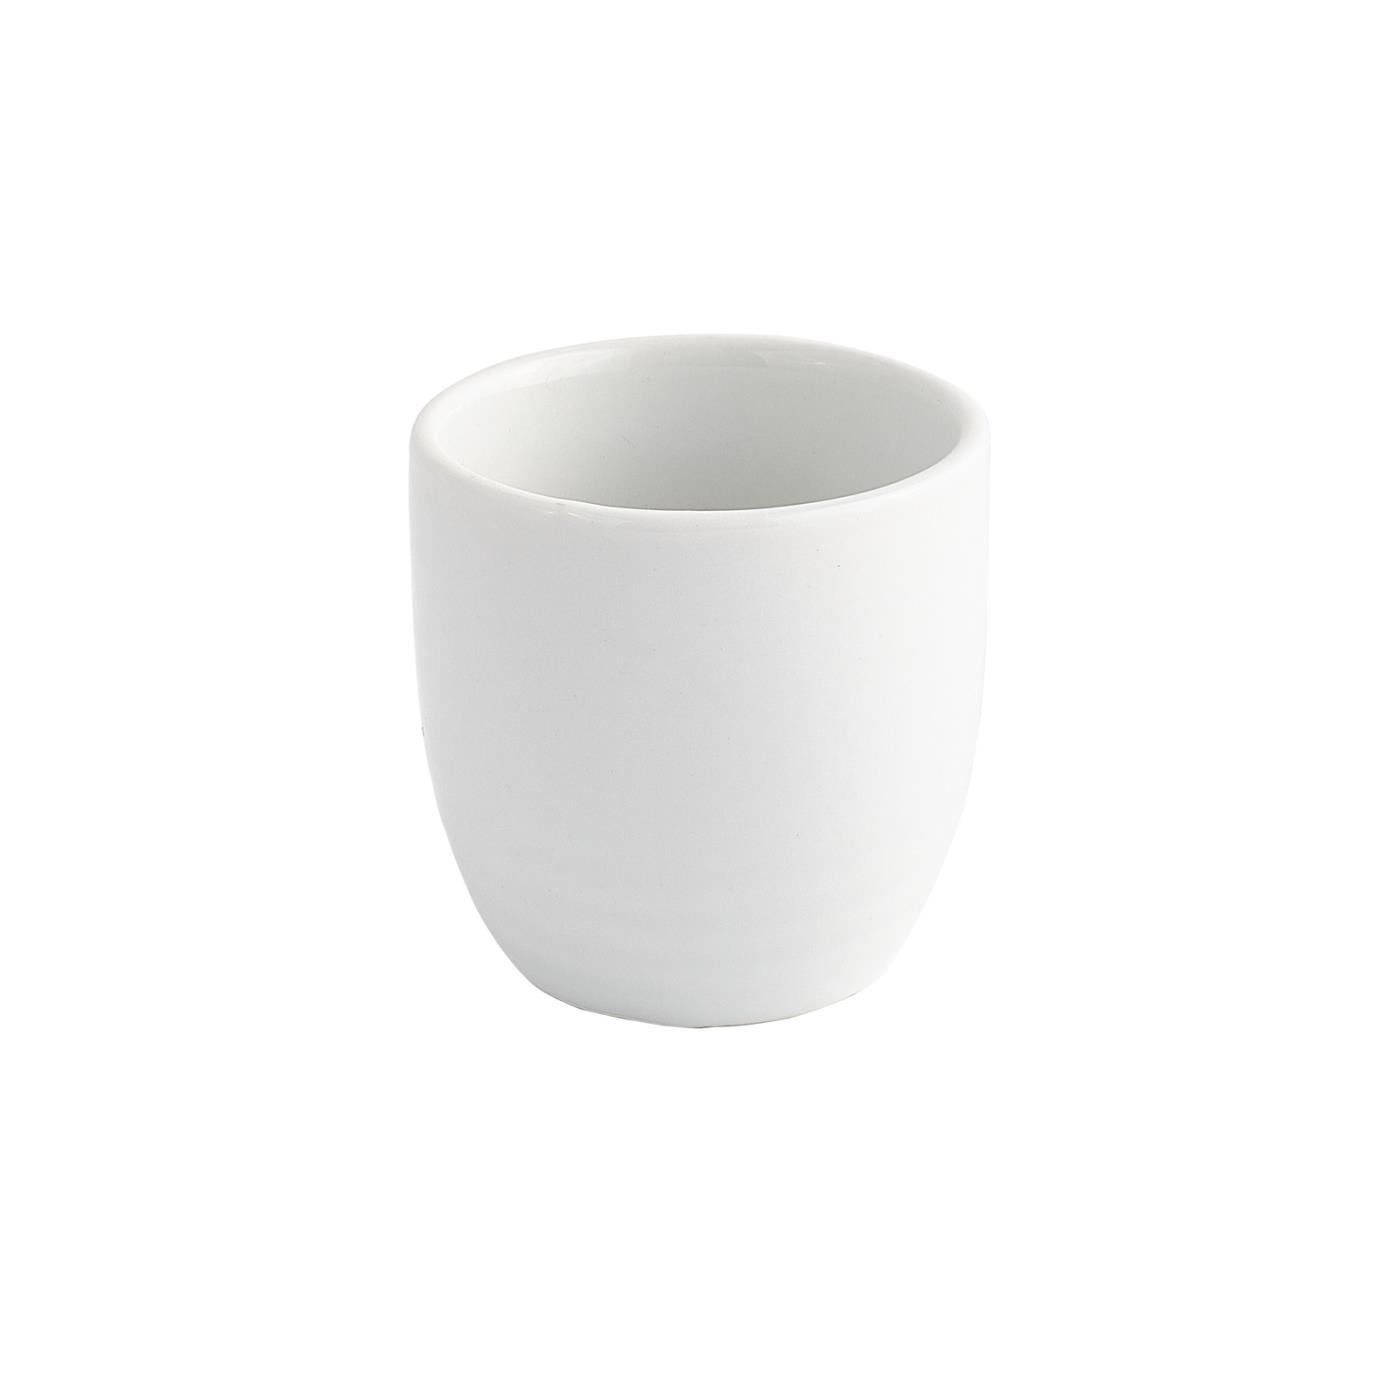 Saki Cup